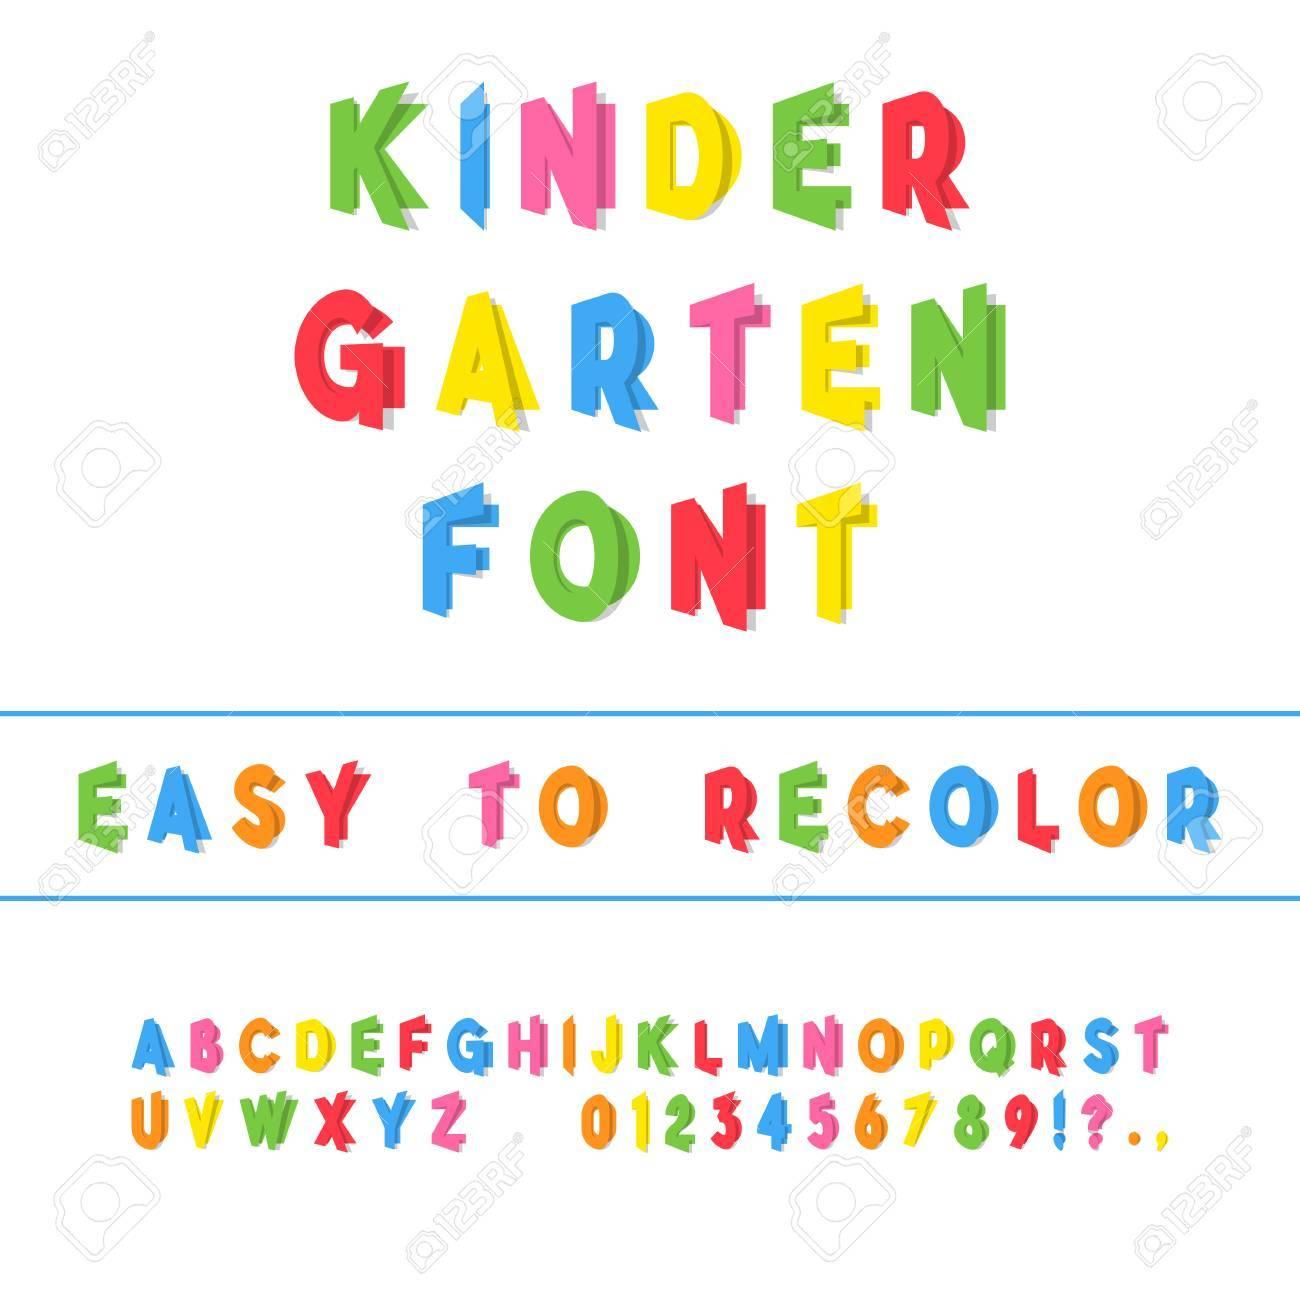 Kindergarten Font  Folded Paper Cut Sans Serif Typeface  Letters,